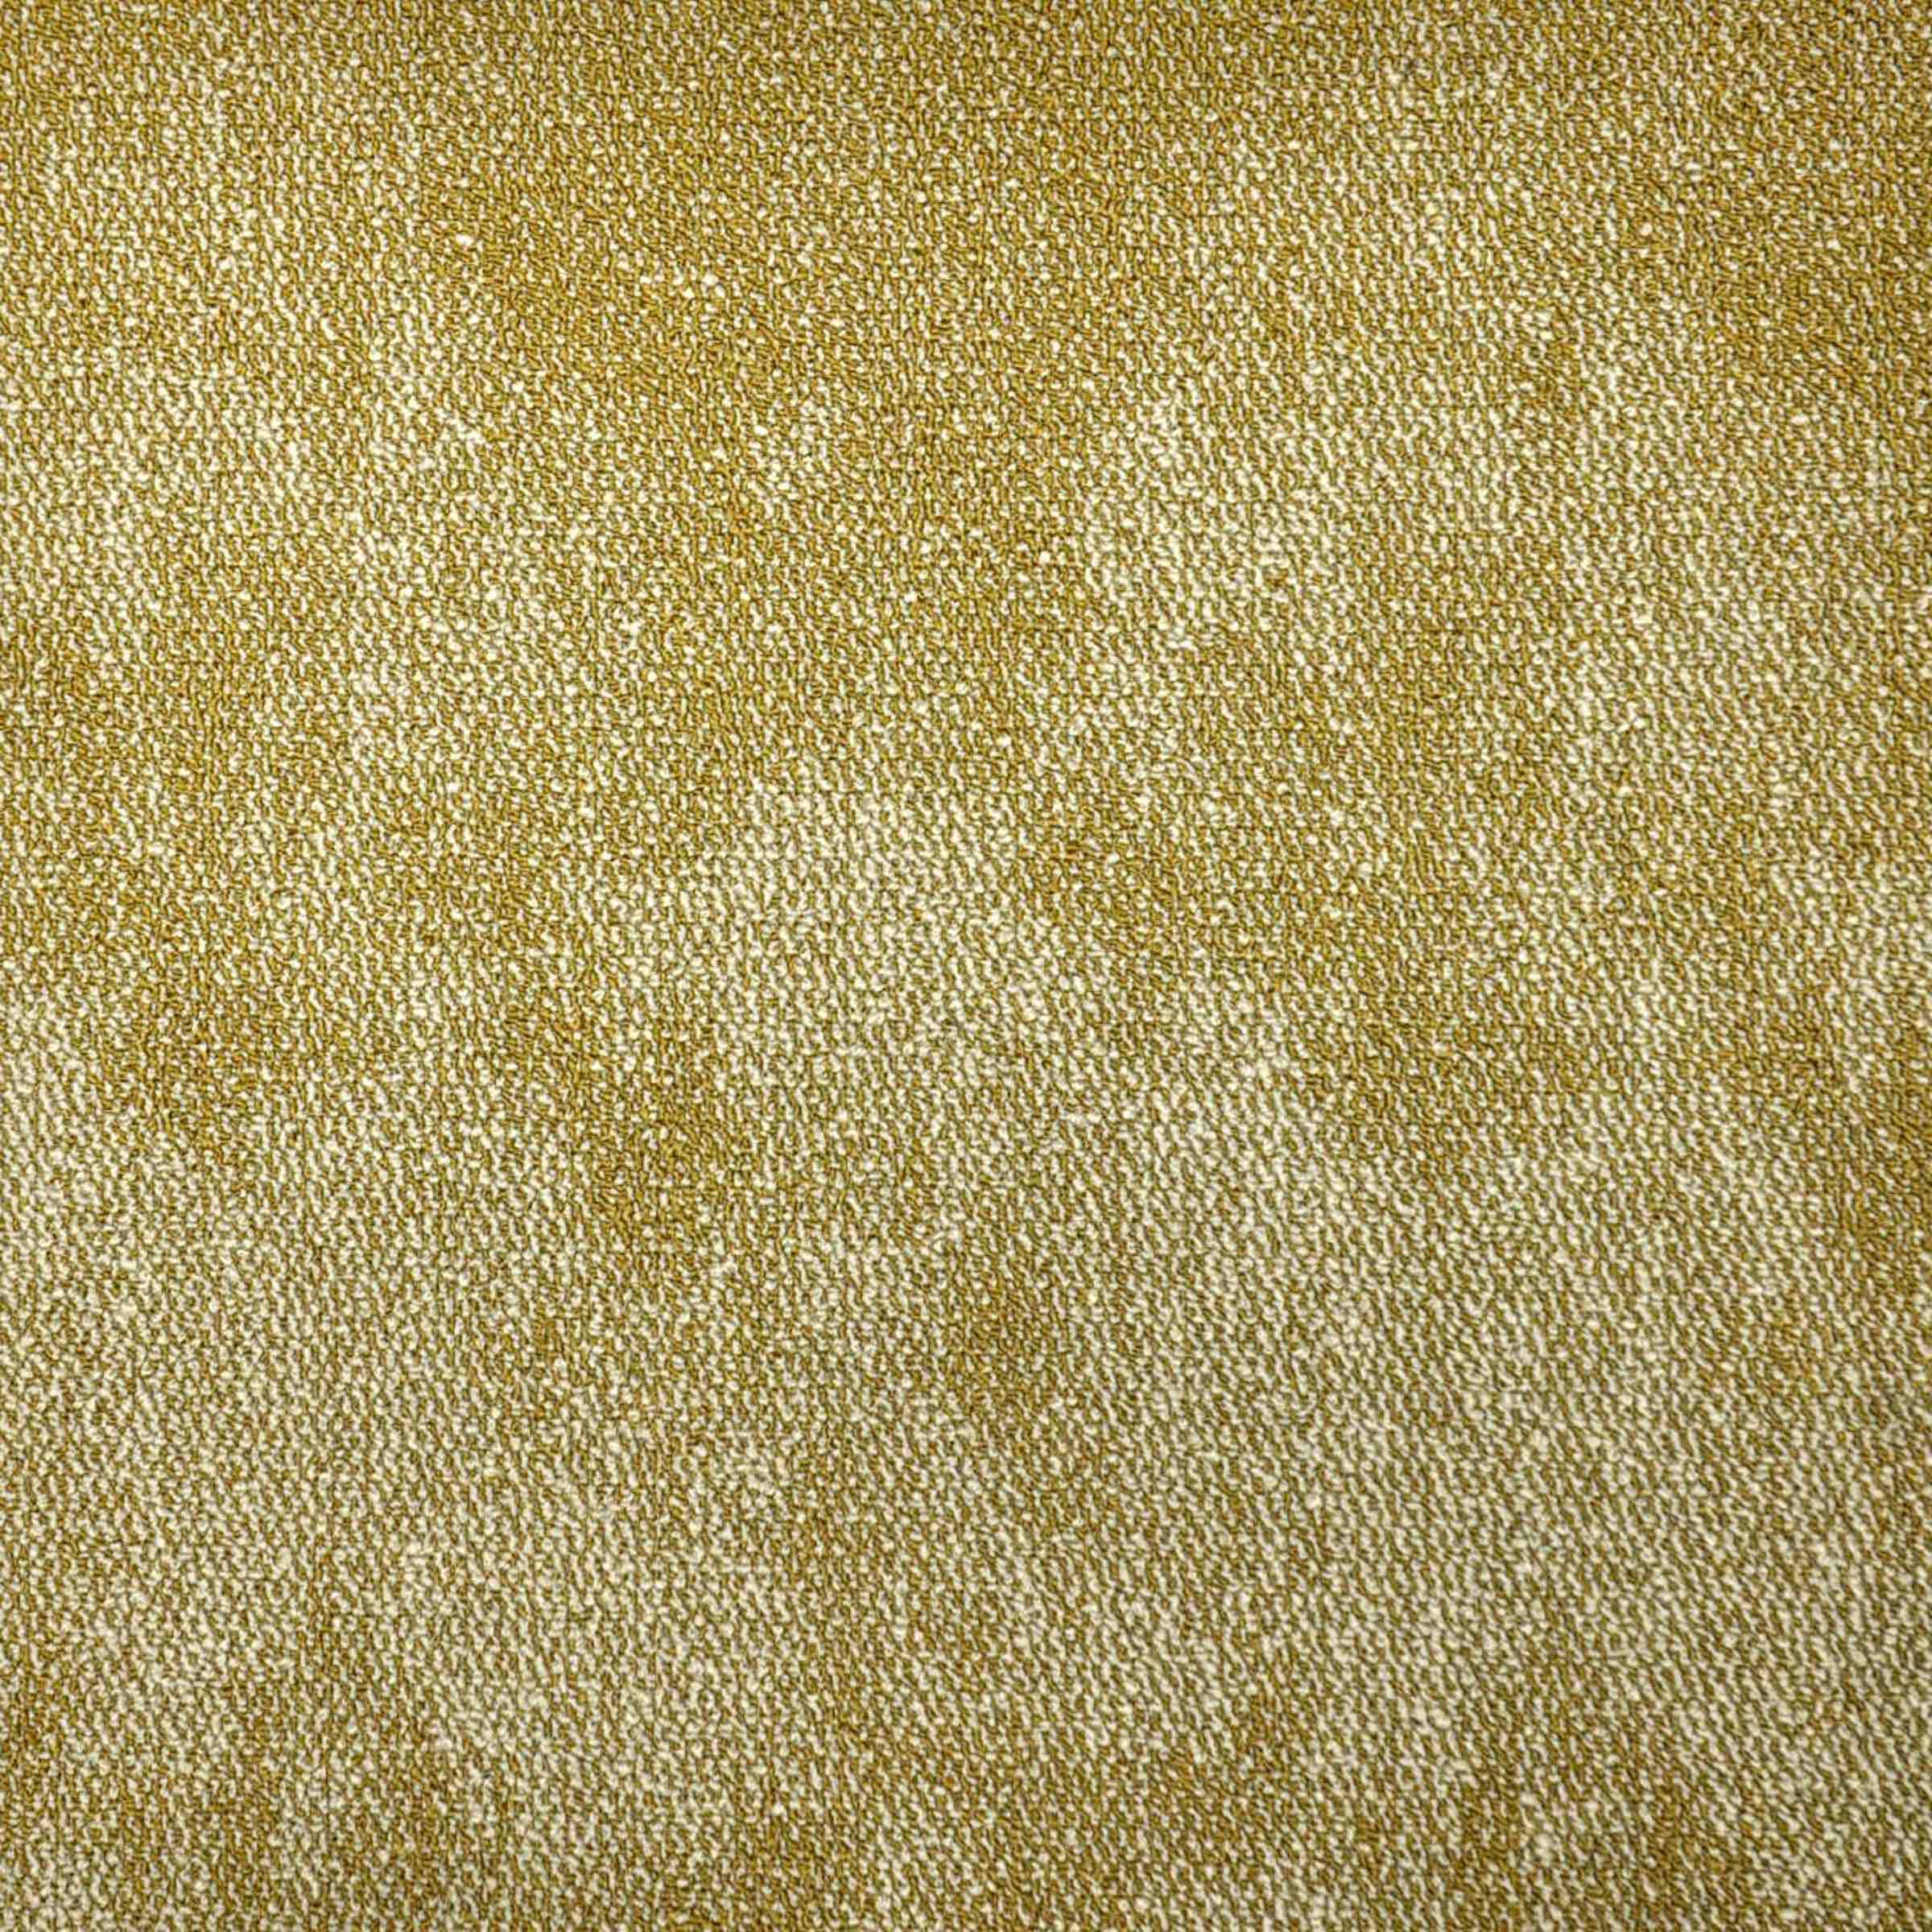 Vapour   Fog   Paragon Carpet Tiles   Commercial Carpet Tiles